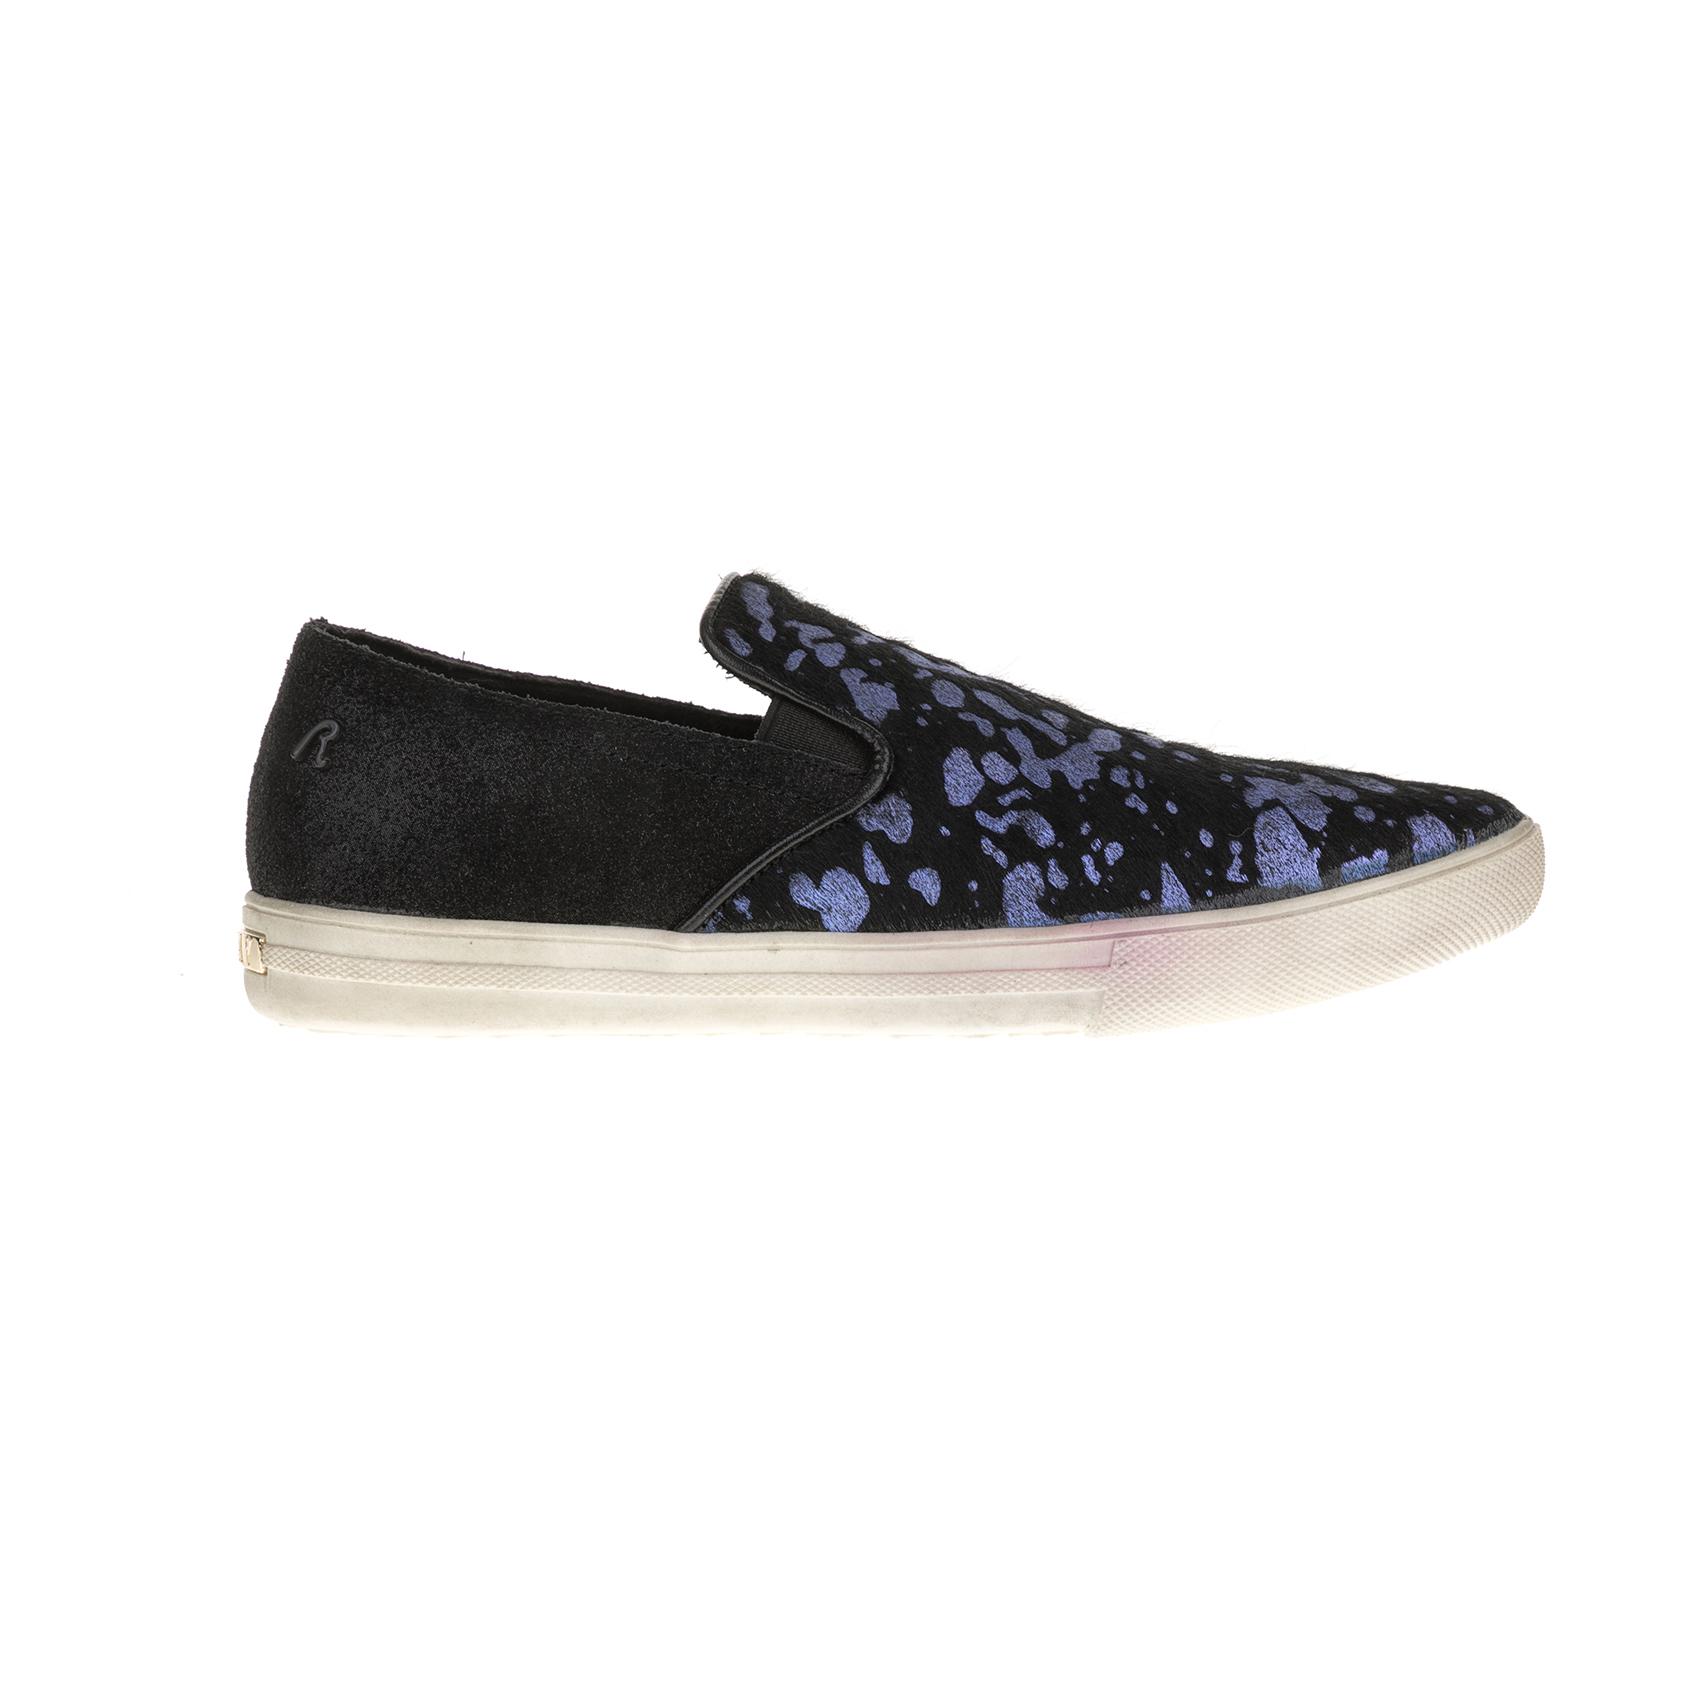 32b58fd0bd8 REPLAY - Γυναικεία παπούτσια REPLAY μαύρα